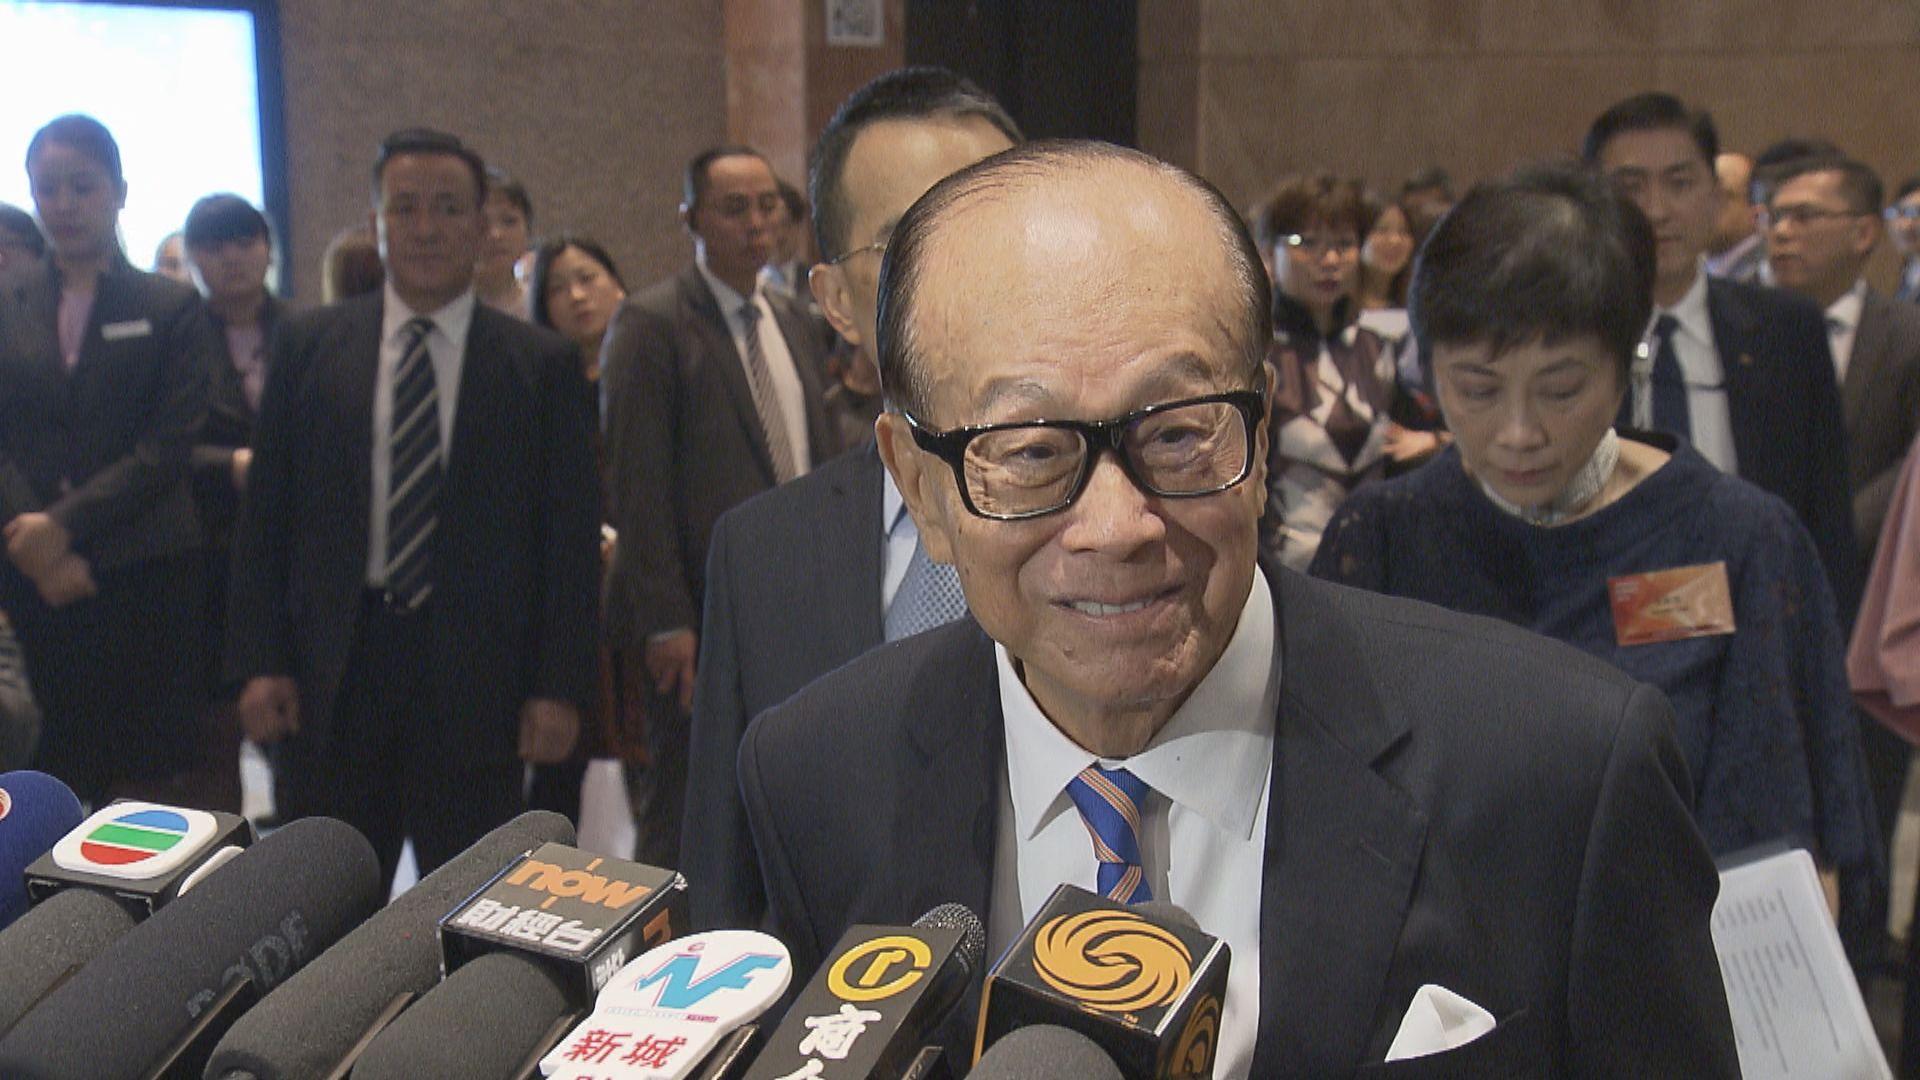 選委會提名期倒數兩日 消息︰長和資深顧問李嘉誠不參選